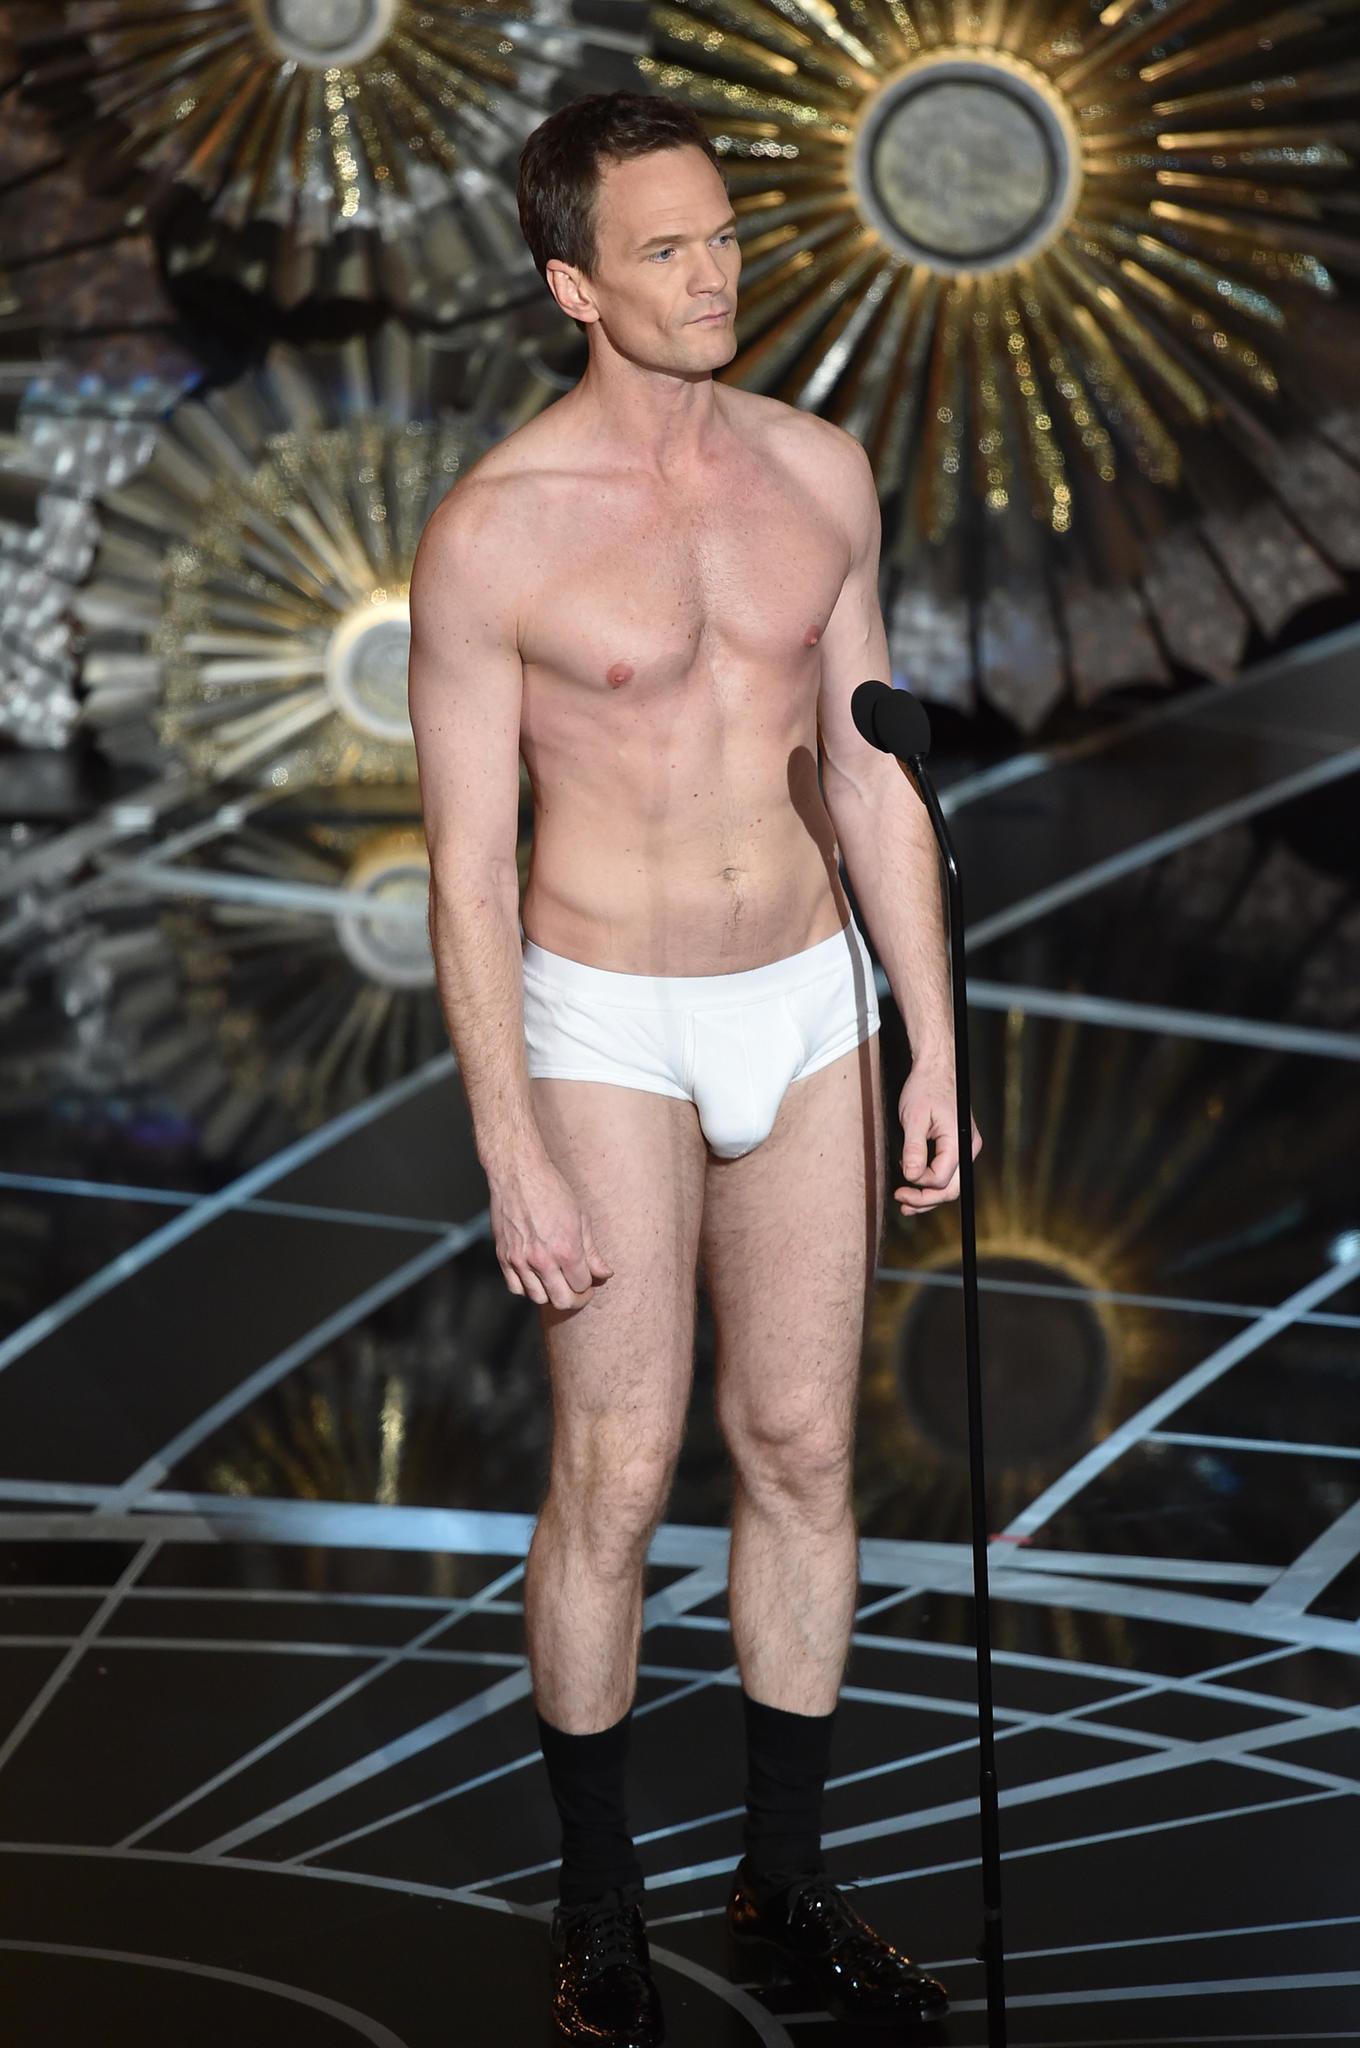 Ein Bild, das im Kopf bleibt: Neil Patrick Harris in Unterwäsche auf der Bühne.